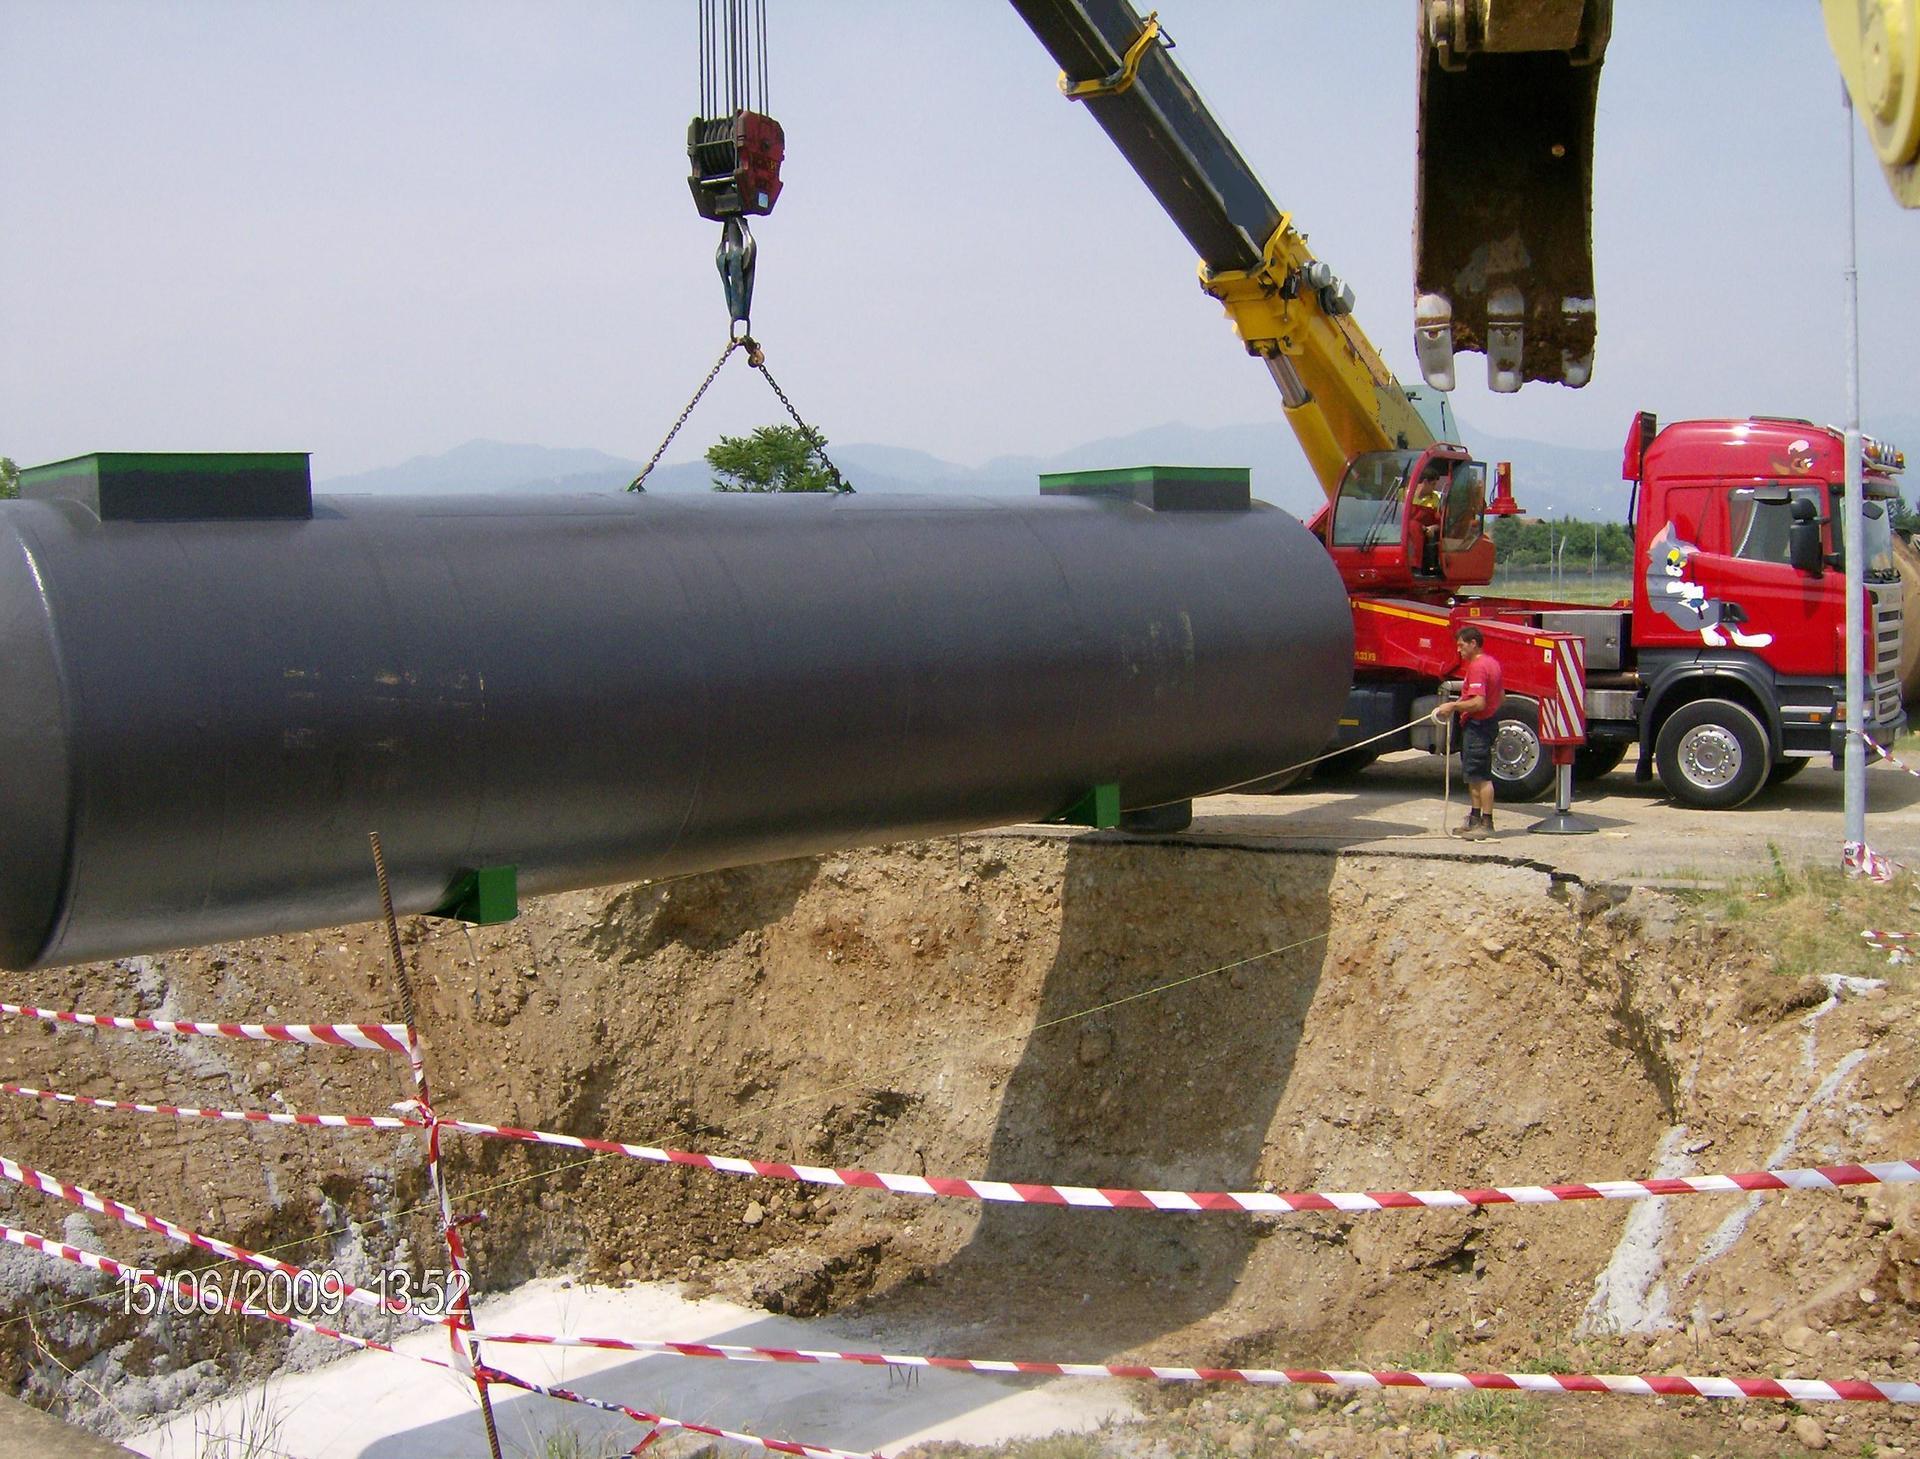 macchina che muove un grande tubo